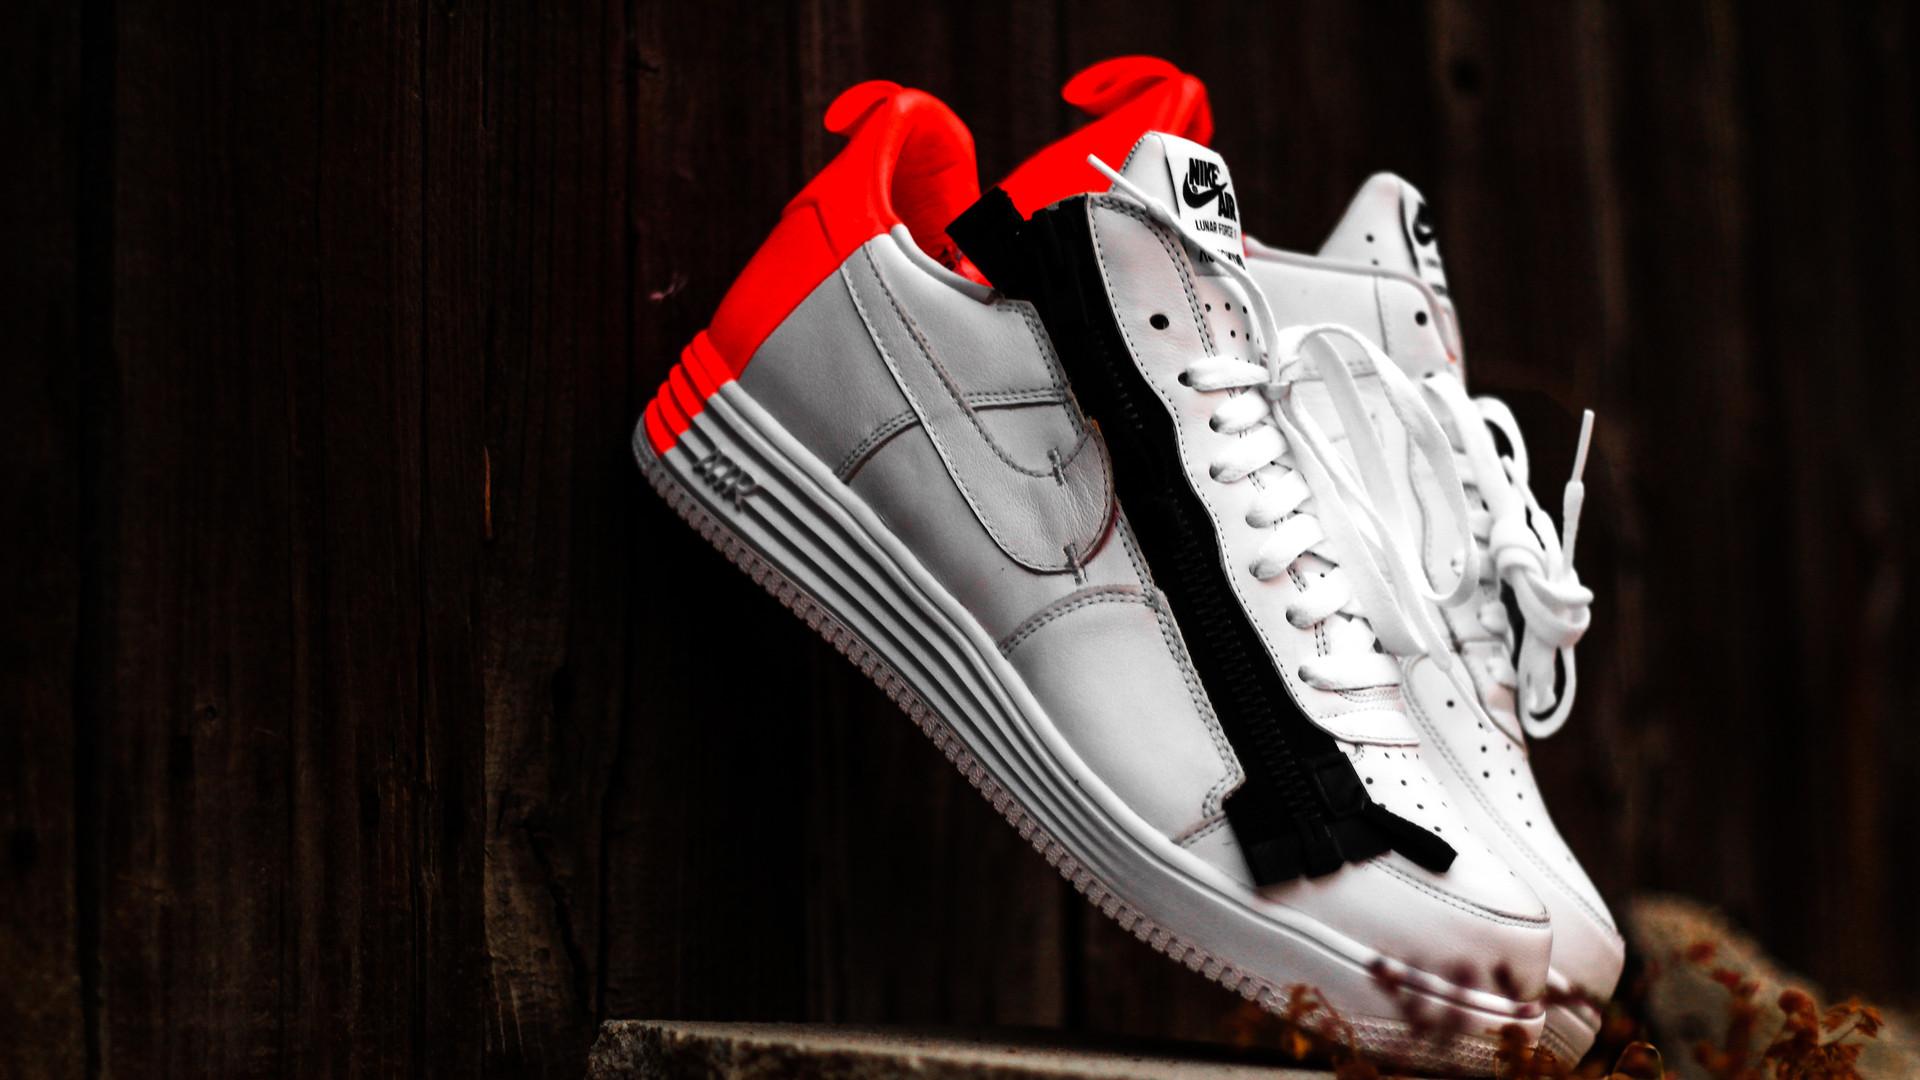 Acronym x Nike Lunar Force 1 - Crimson